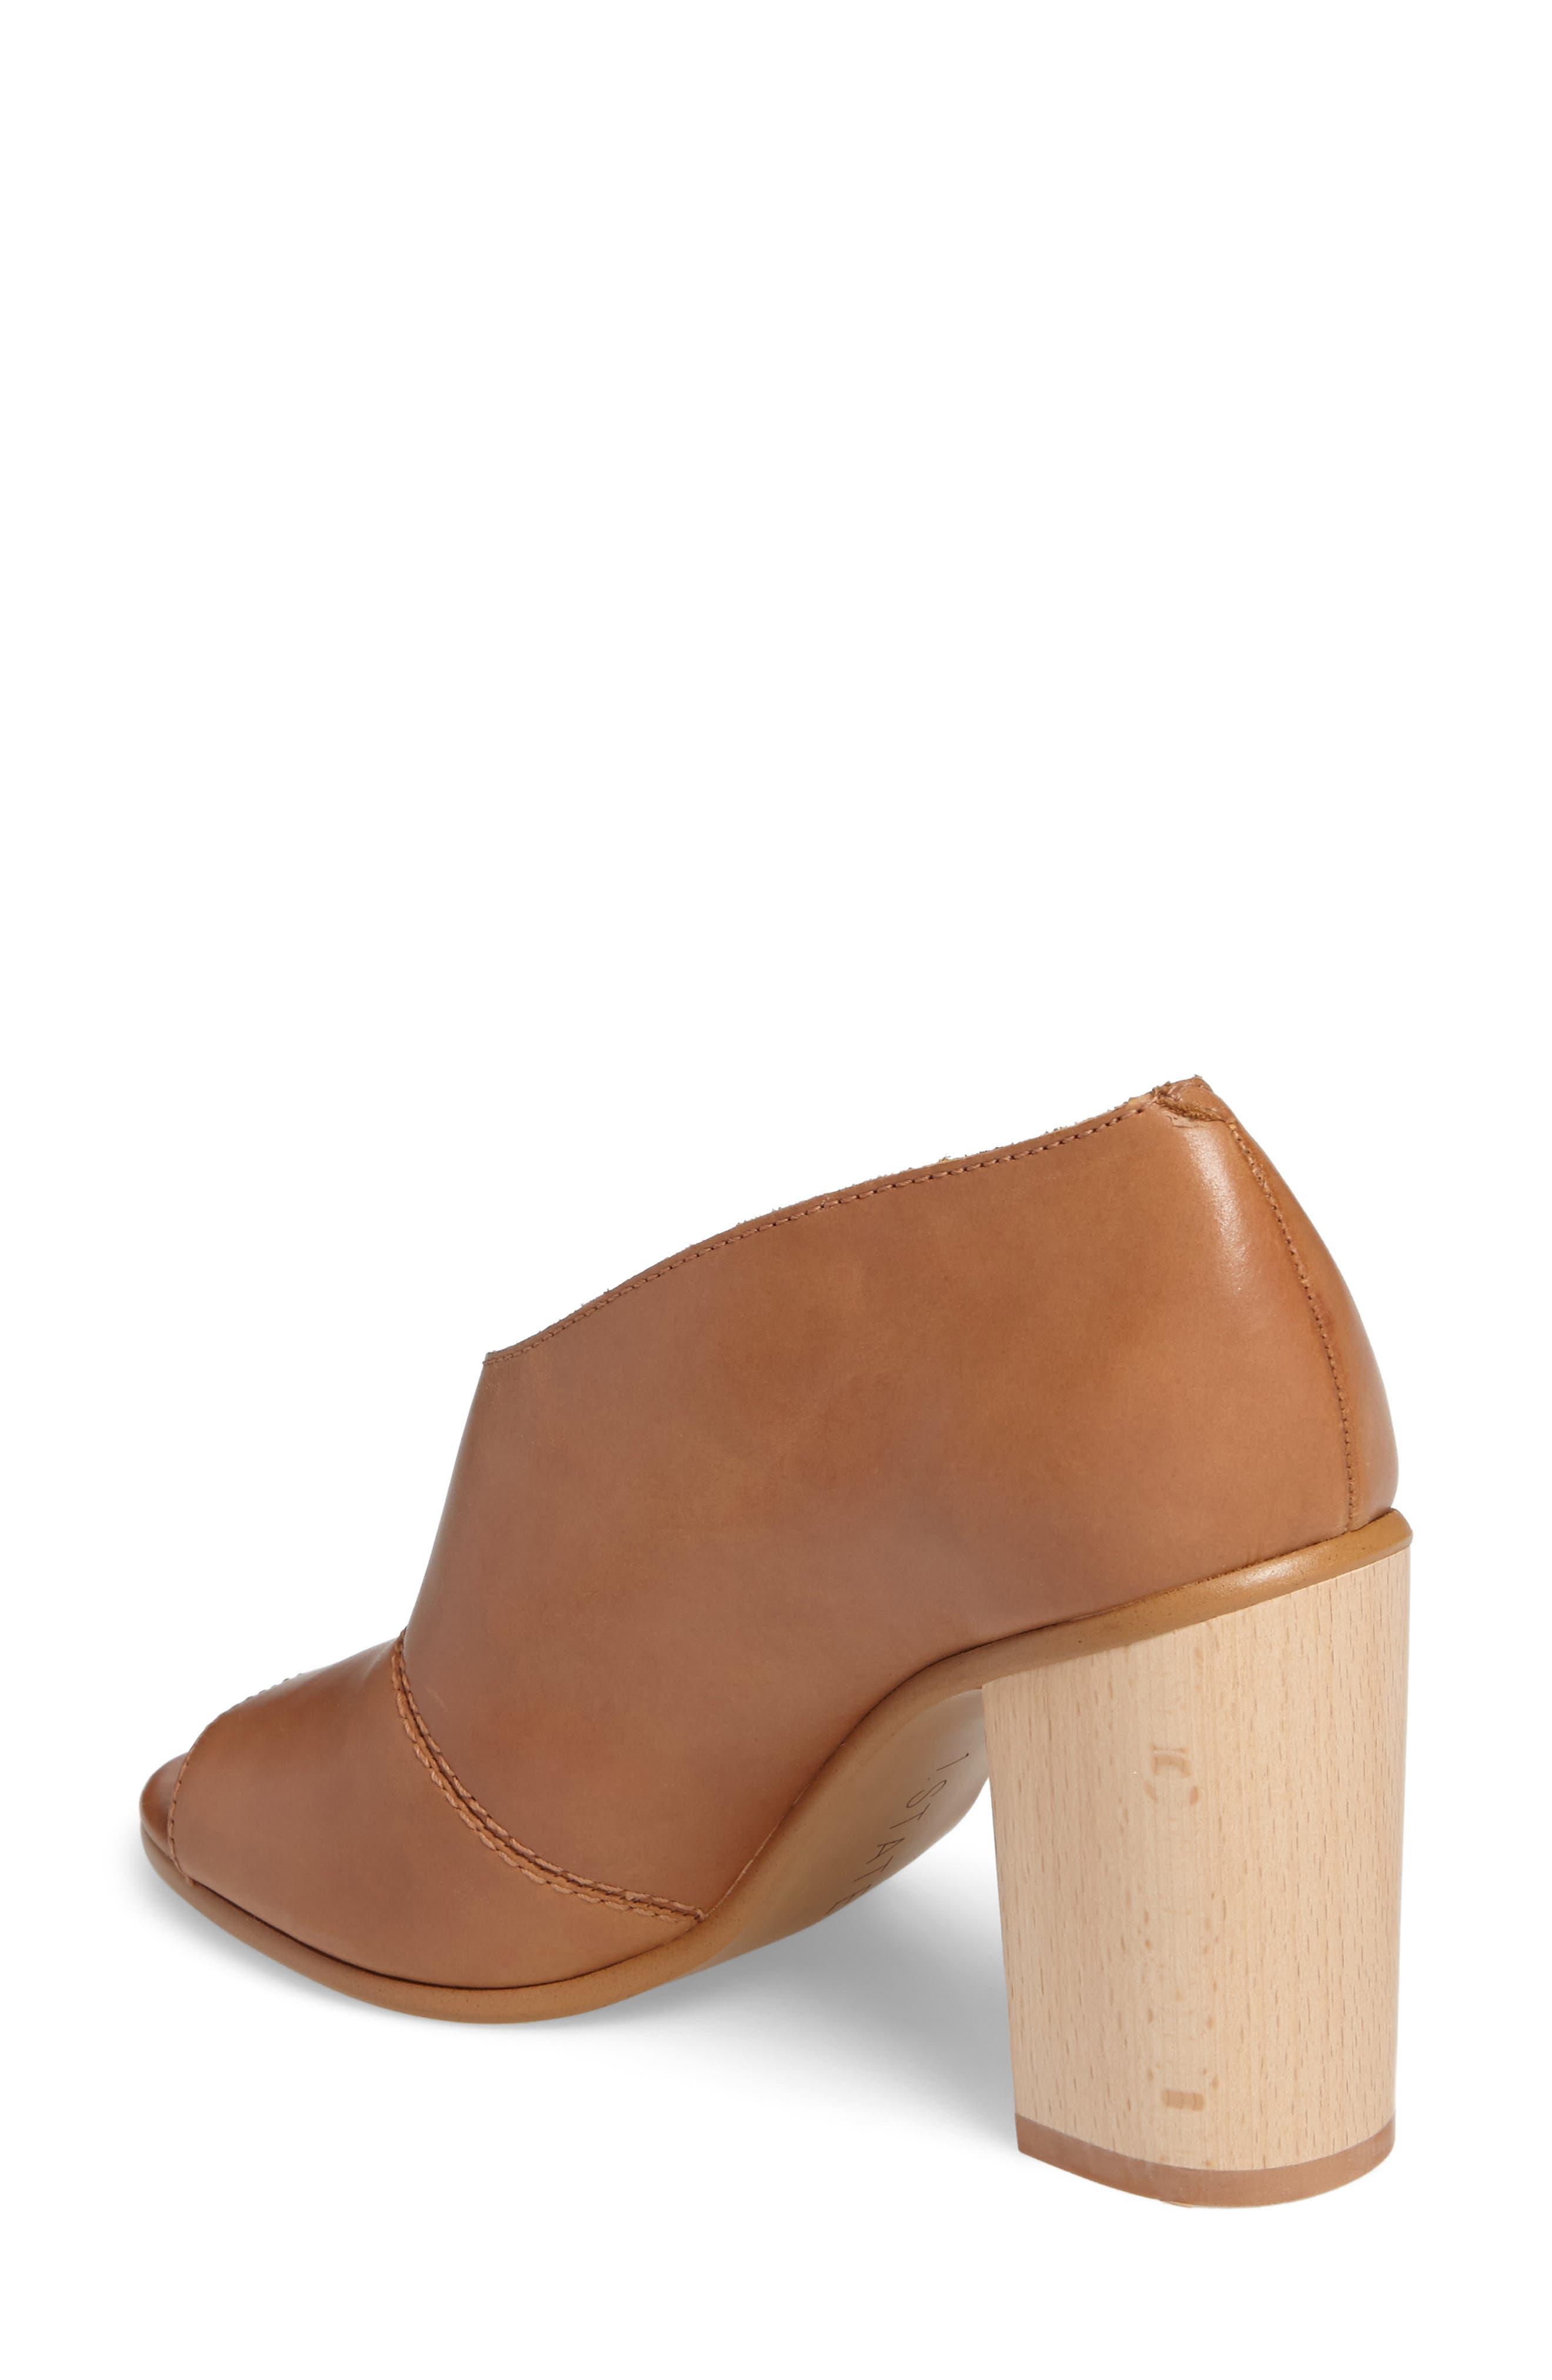 Amble Asymmetrical Sandal,                             Alternate thumbnail 2, color,                             Tan Leather